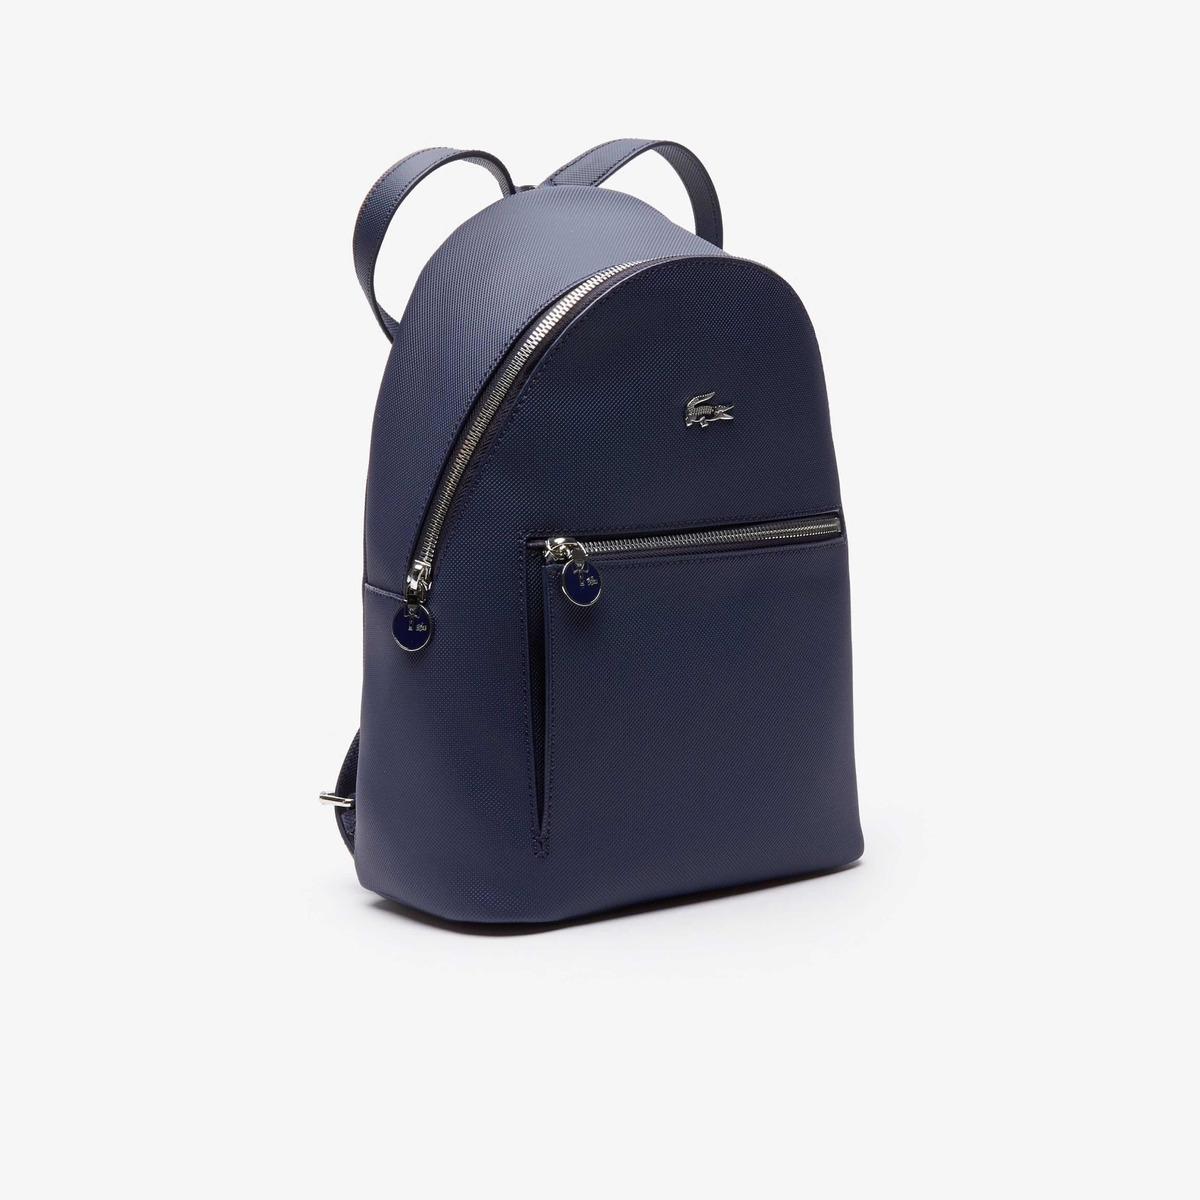 tienda de liquidación gama exclusiva nuevo concepto gran colección colores y llamativos numerosos en variedad mochilas ...